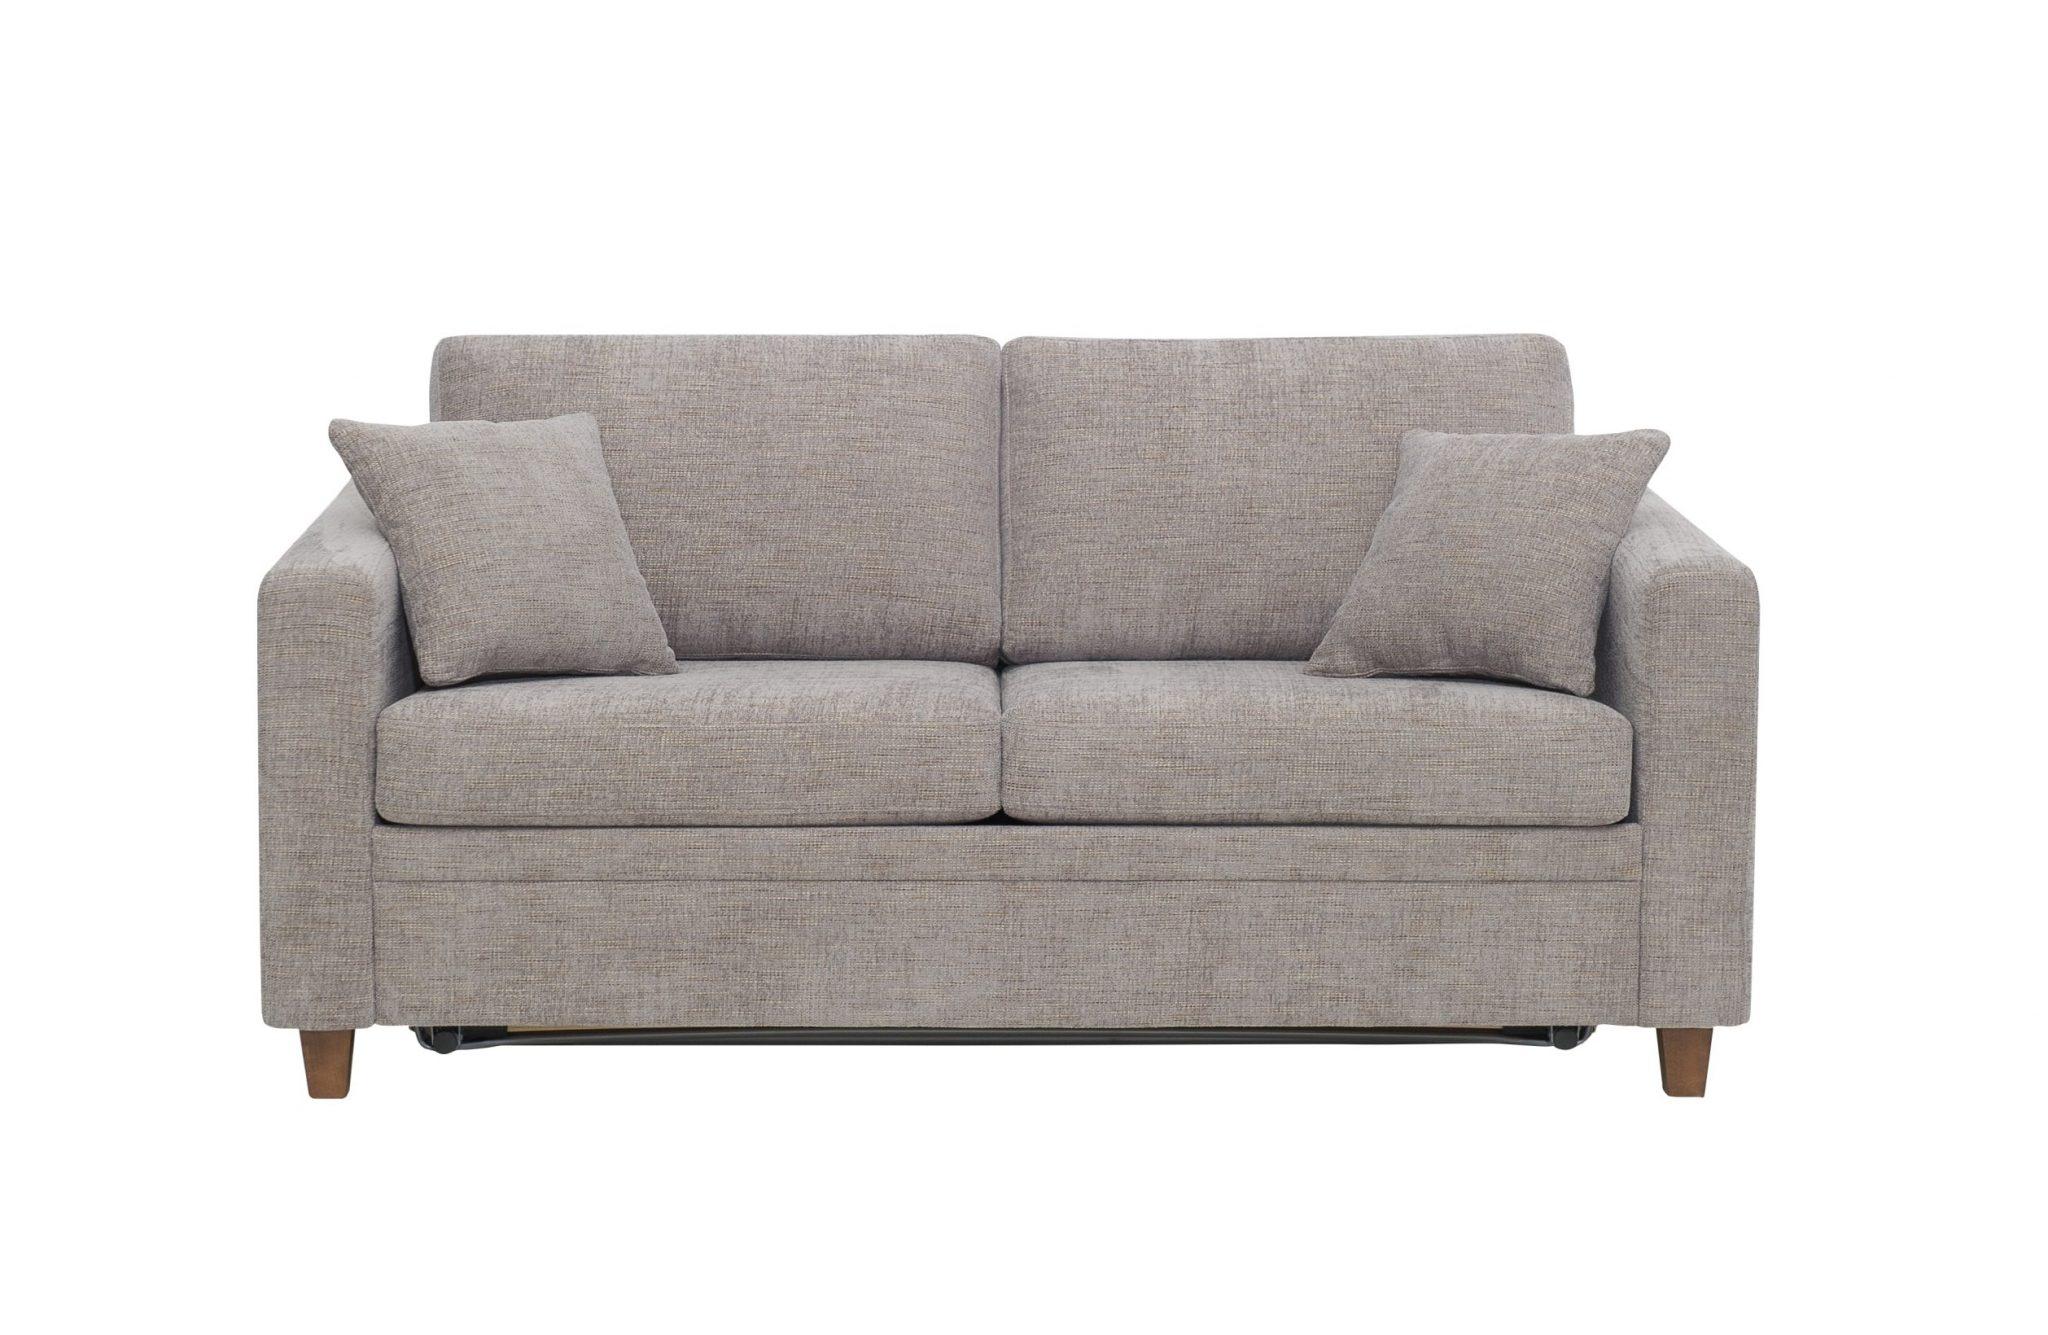 scandinavian design sofa singapore cotton duck slipcover sure fit style famous set